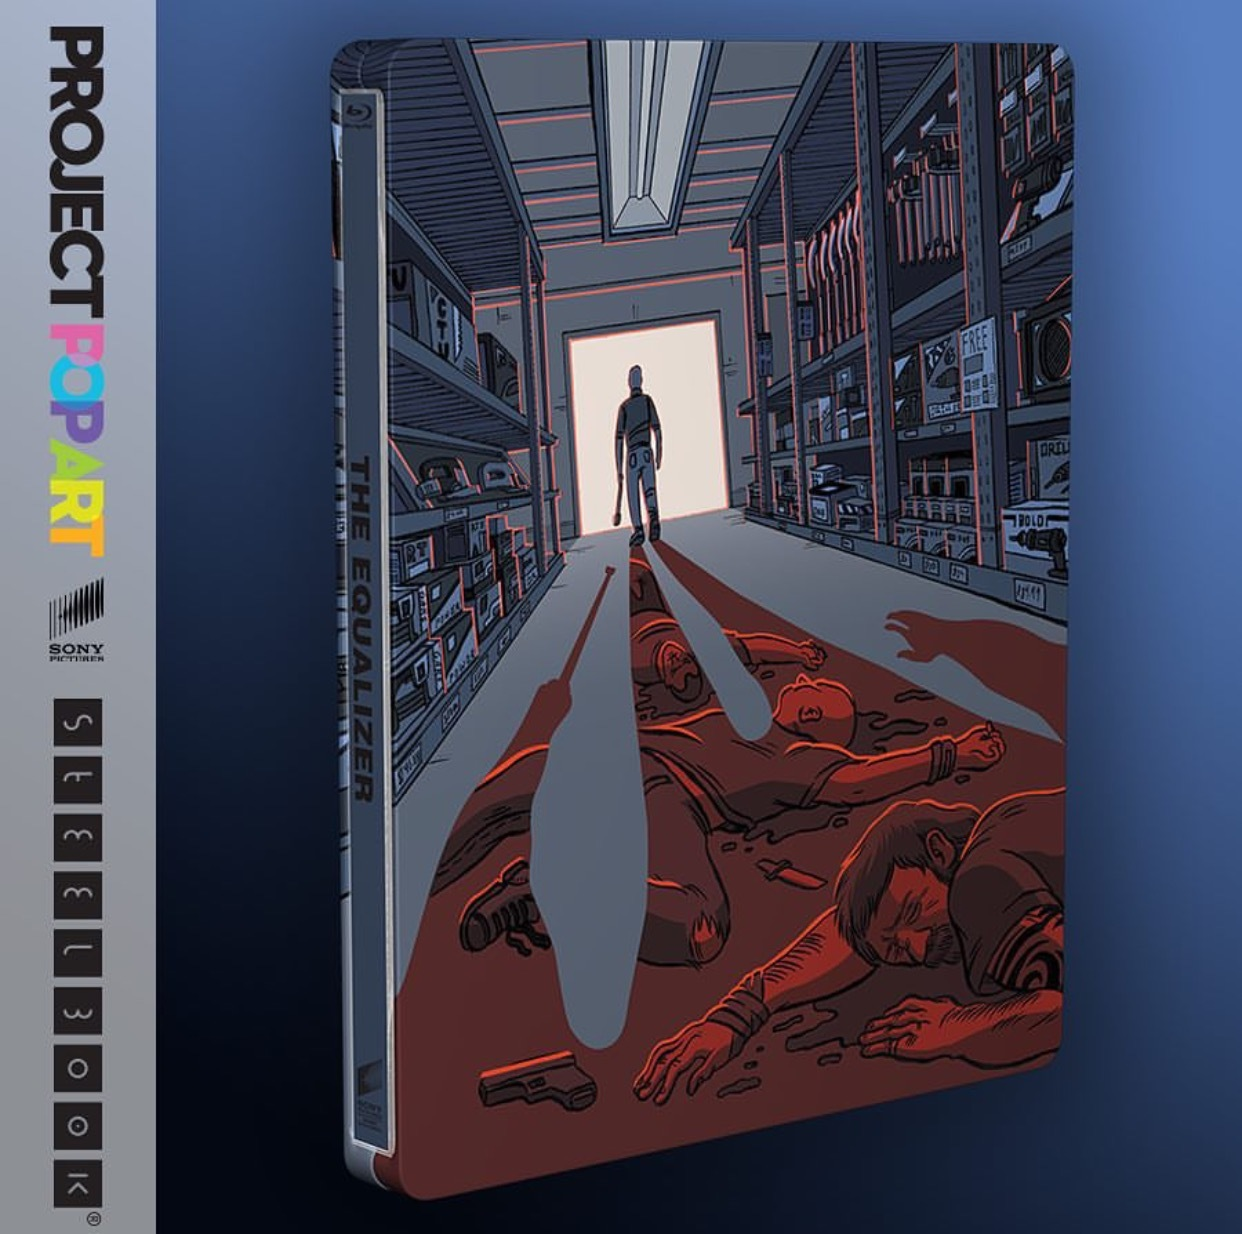 イコライザー スチールブック The Equalizer pop art steelbook